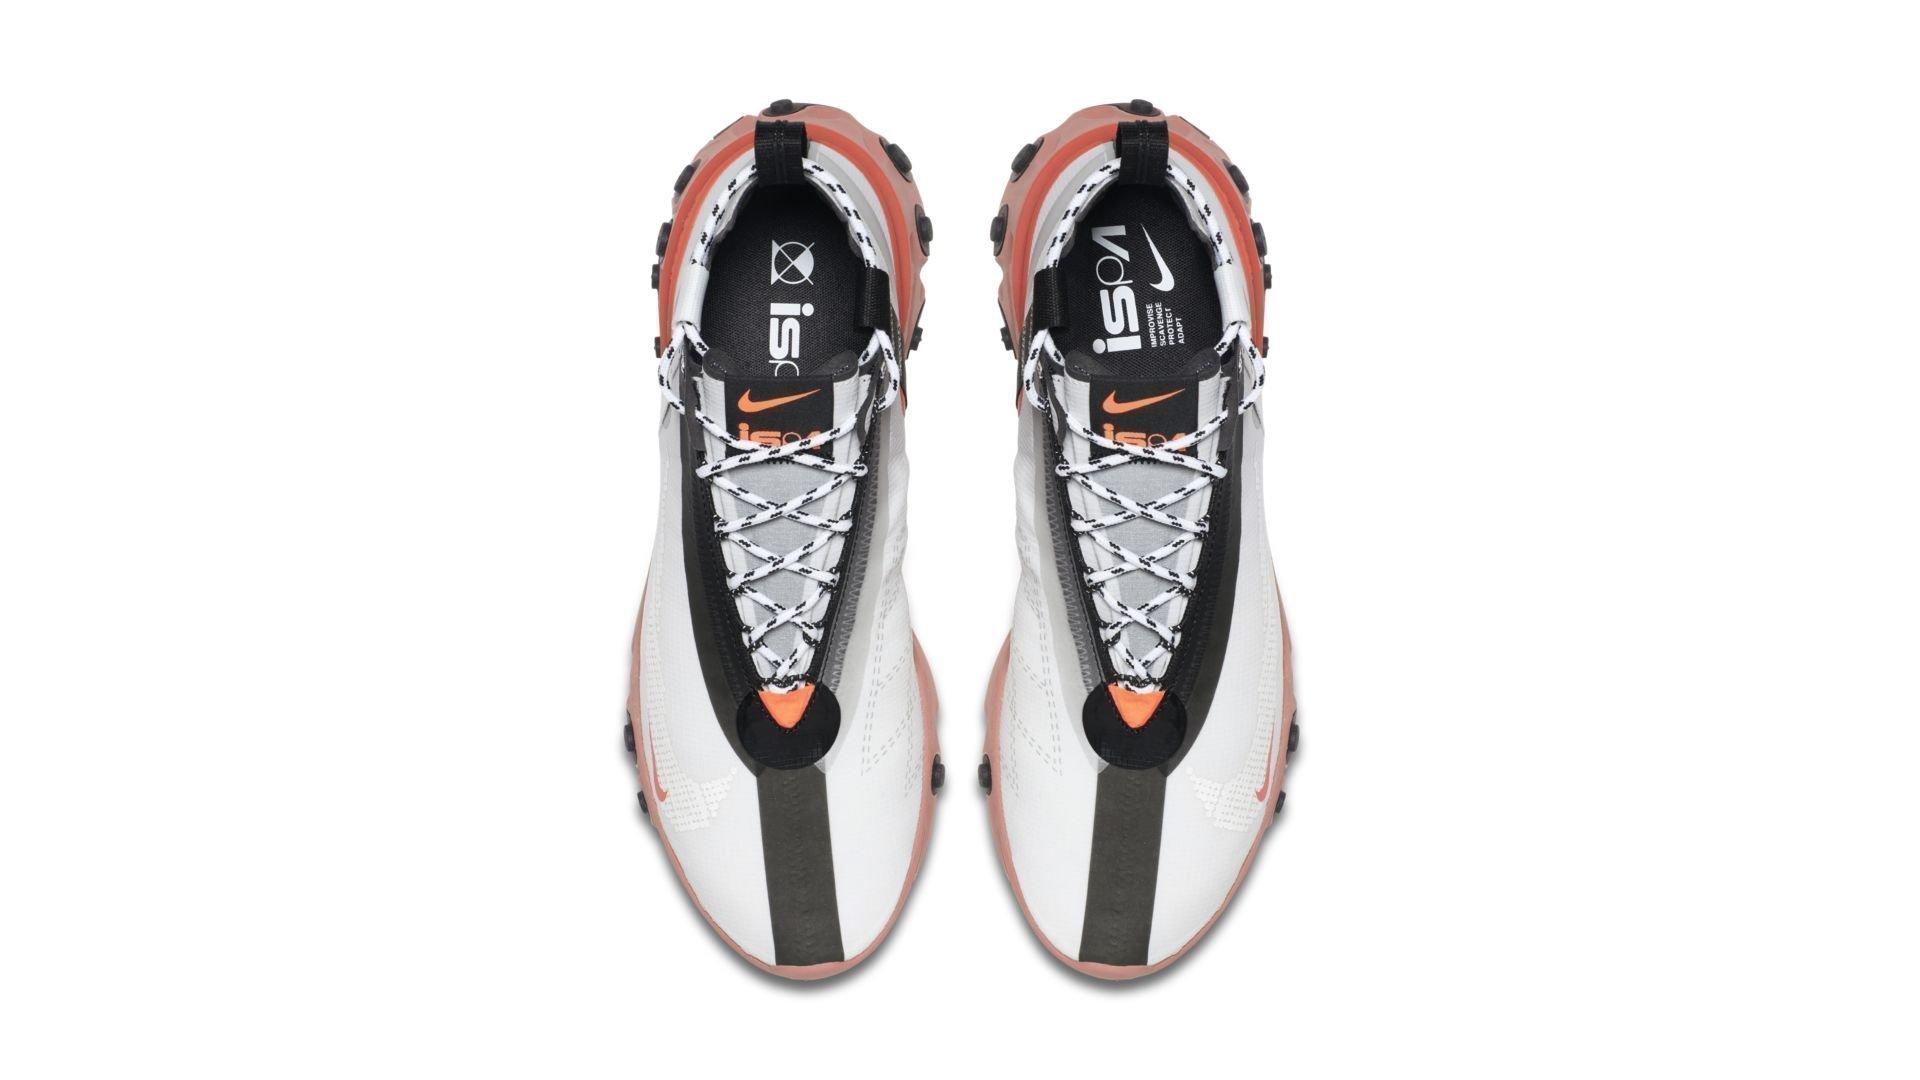 Nike React Runner Mid 'White Crimson' (AT3143-100)